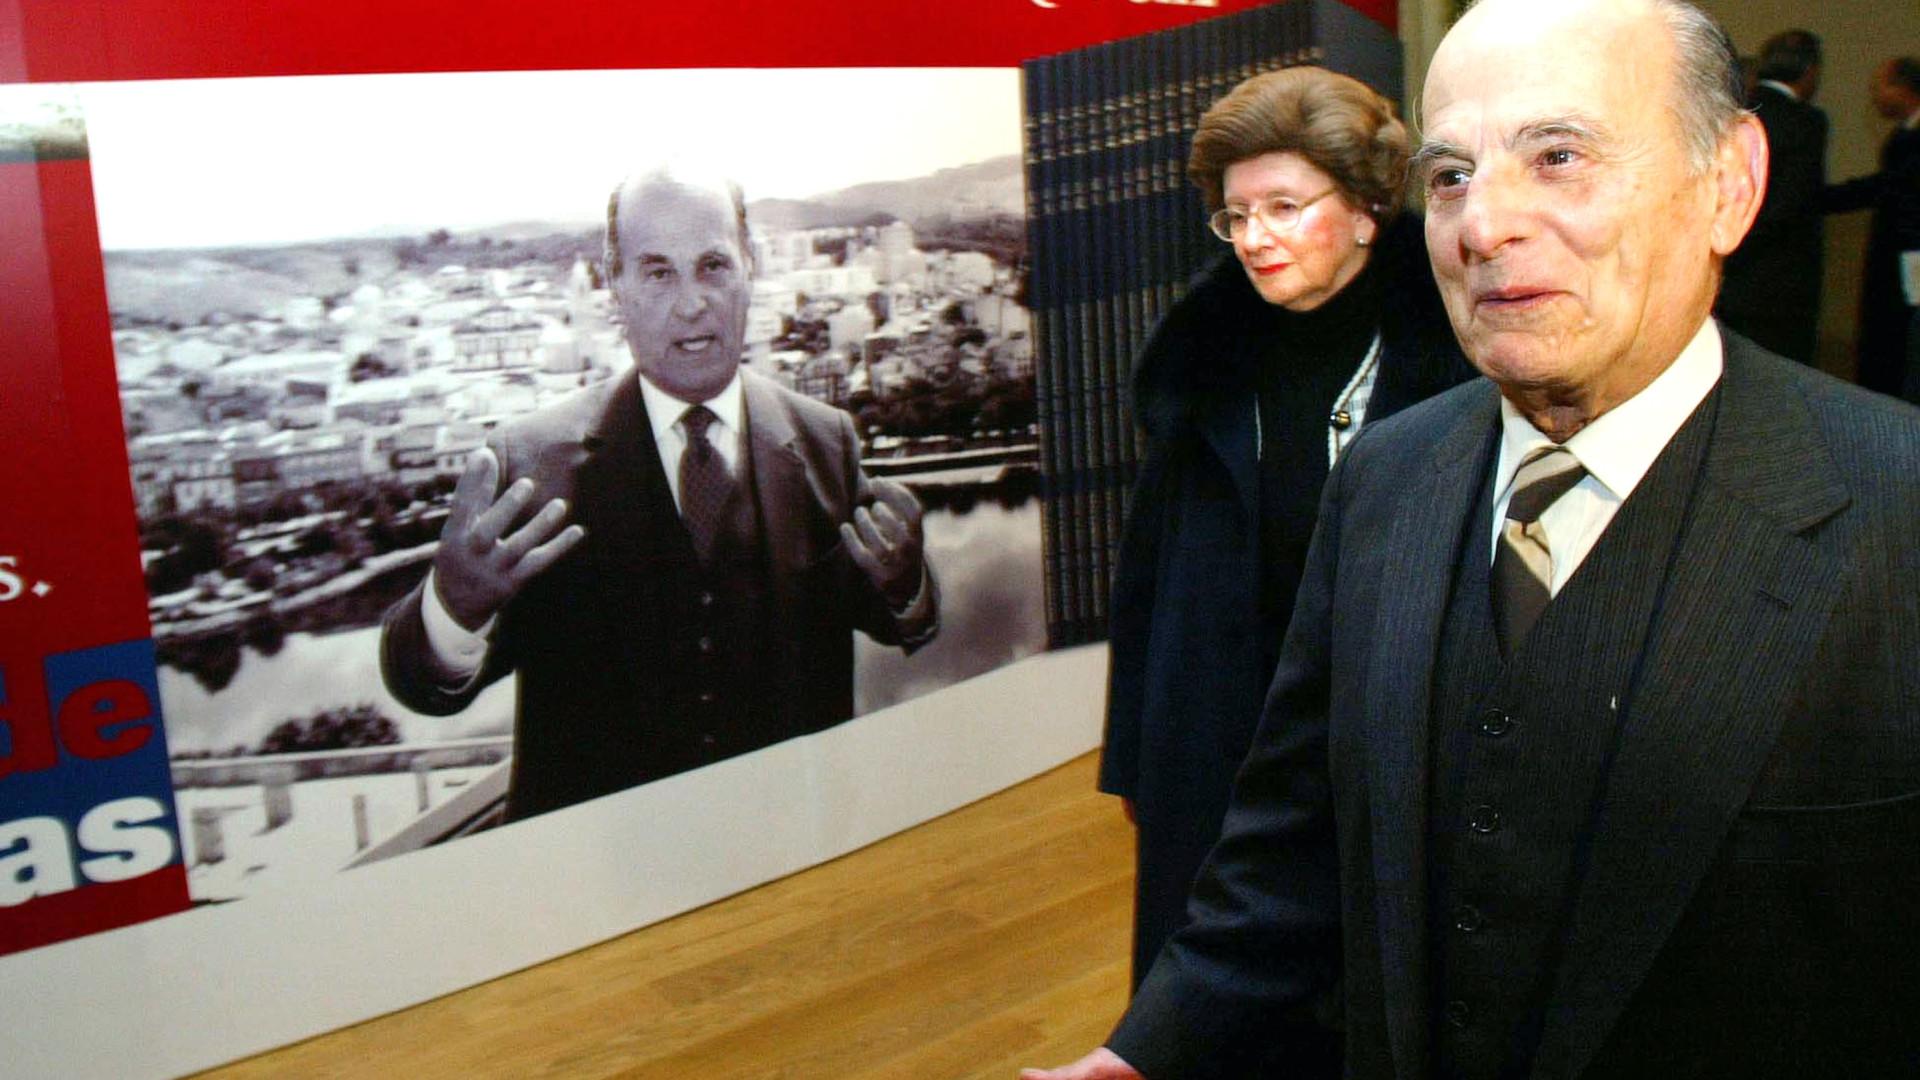 Coleção de arte do historiador José Hermano Saraiva vai a leilão